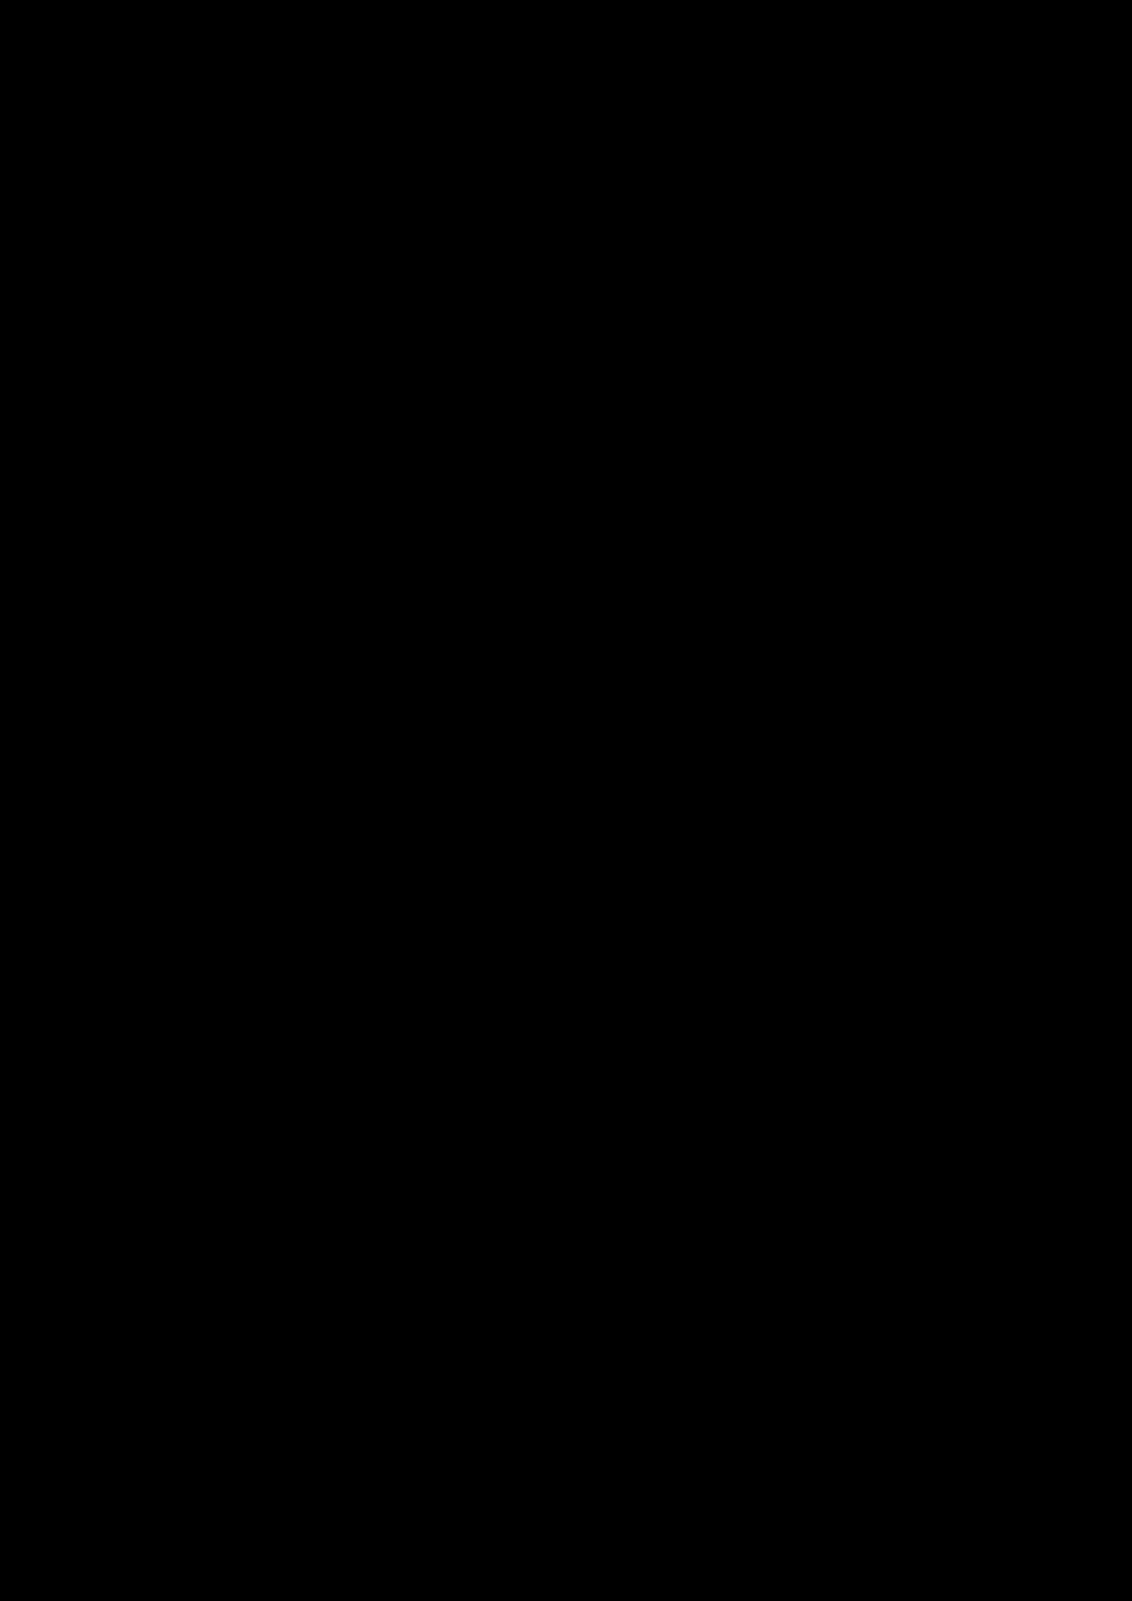 Zagadka volshebnoy stranyi slide, Image 181